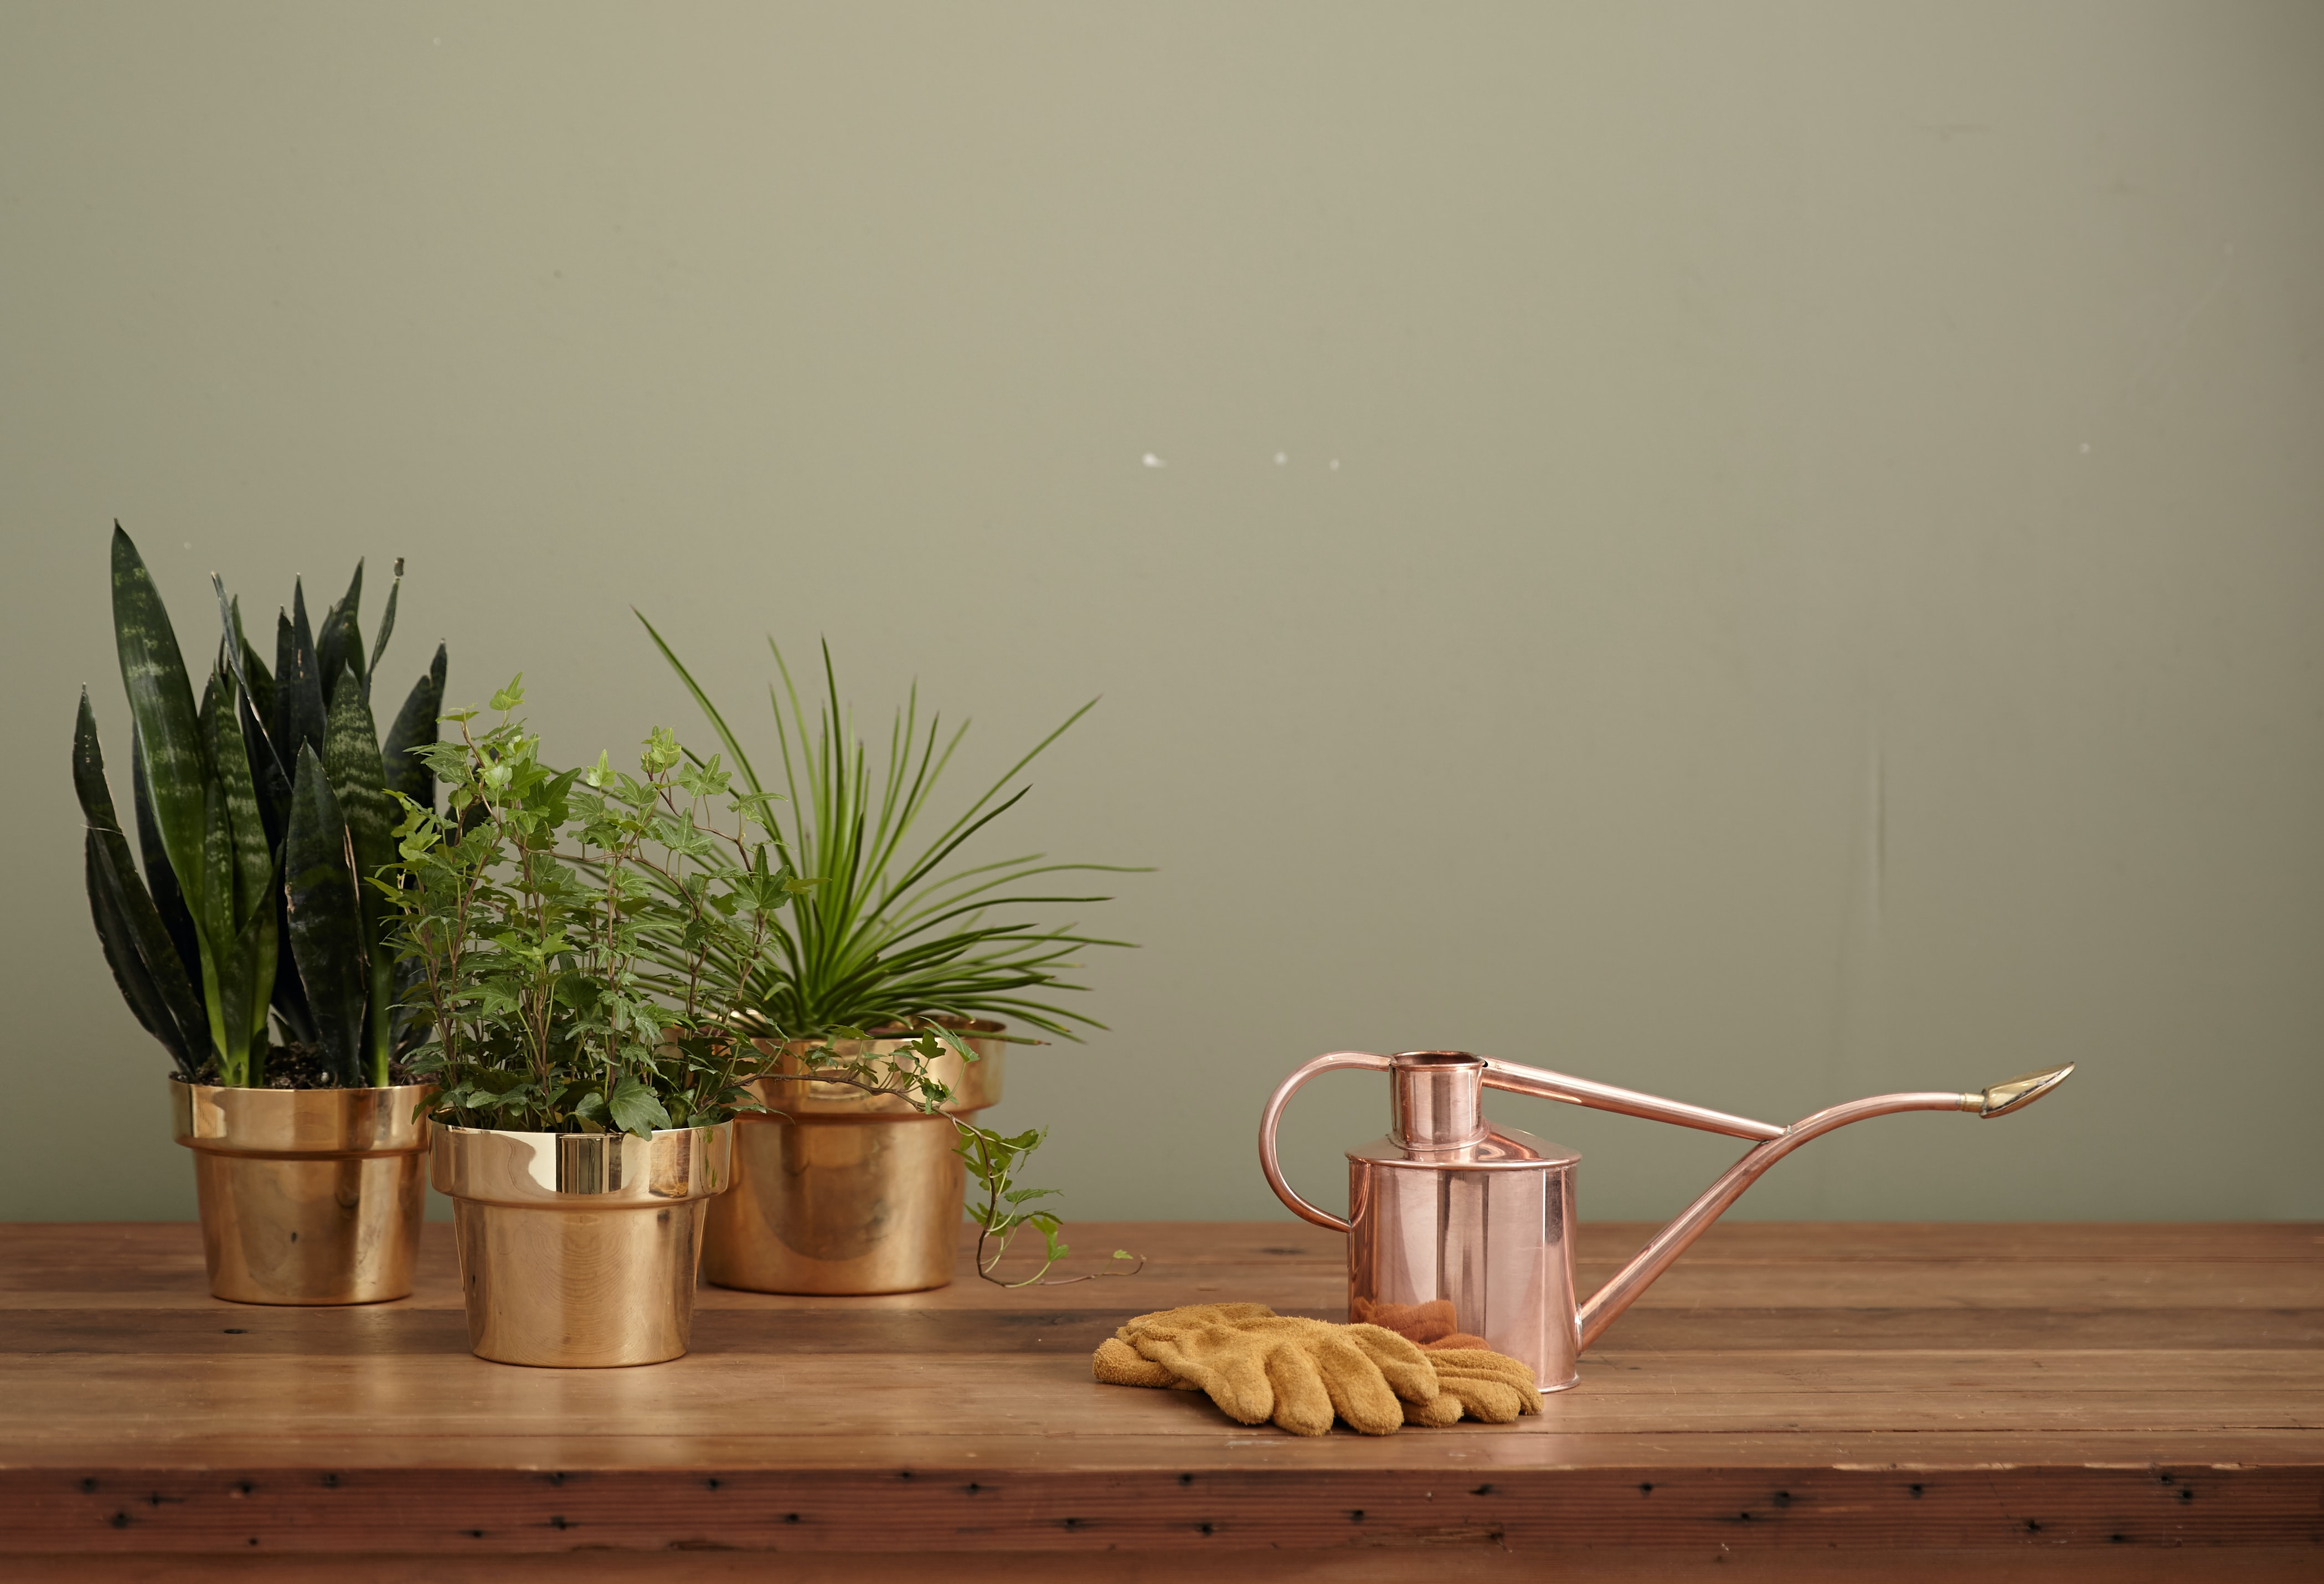 Pflanzen Für Schattige Plätze In Der Wohnung zimmerpflanzen für wenige licht pflanzen die auch im schatten wachsen